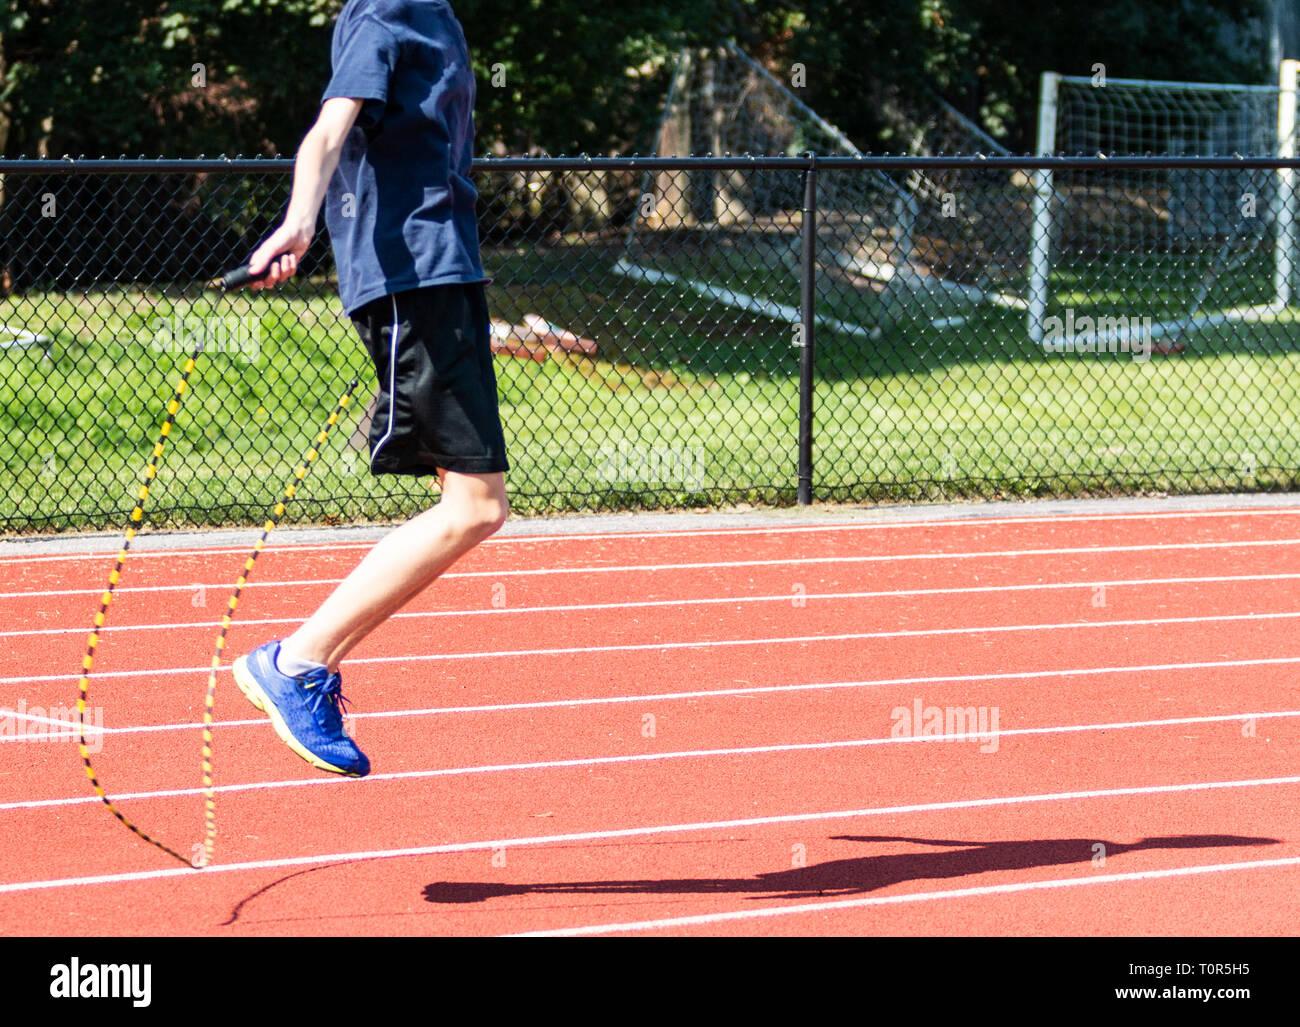 Runner es una escuela de formación de la cruz por saltar la cuerda en una pista a finales del verano. Imagen De Stock